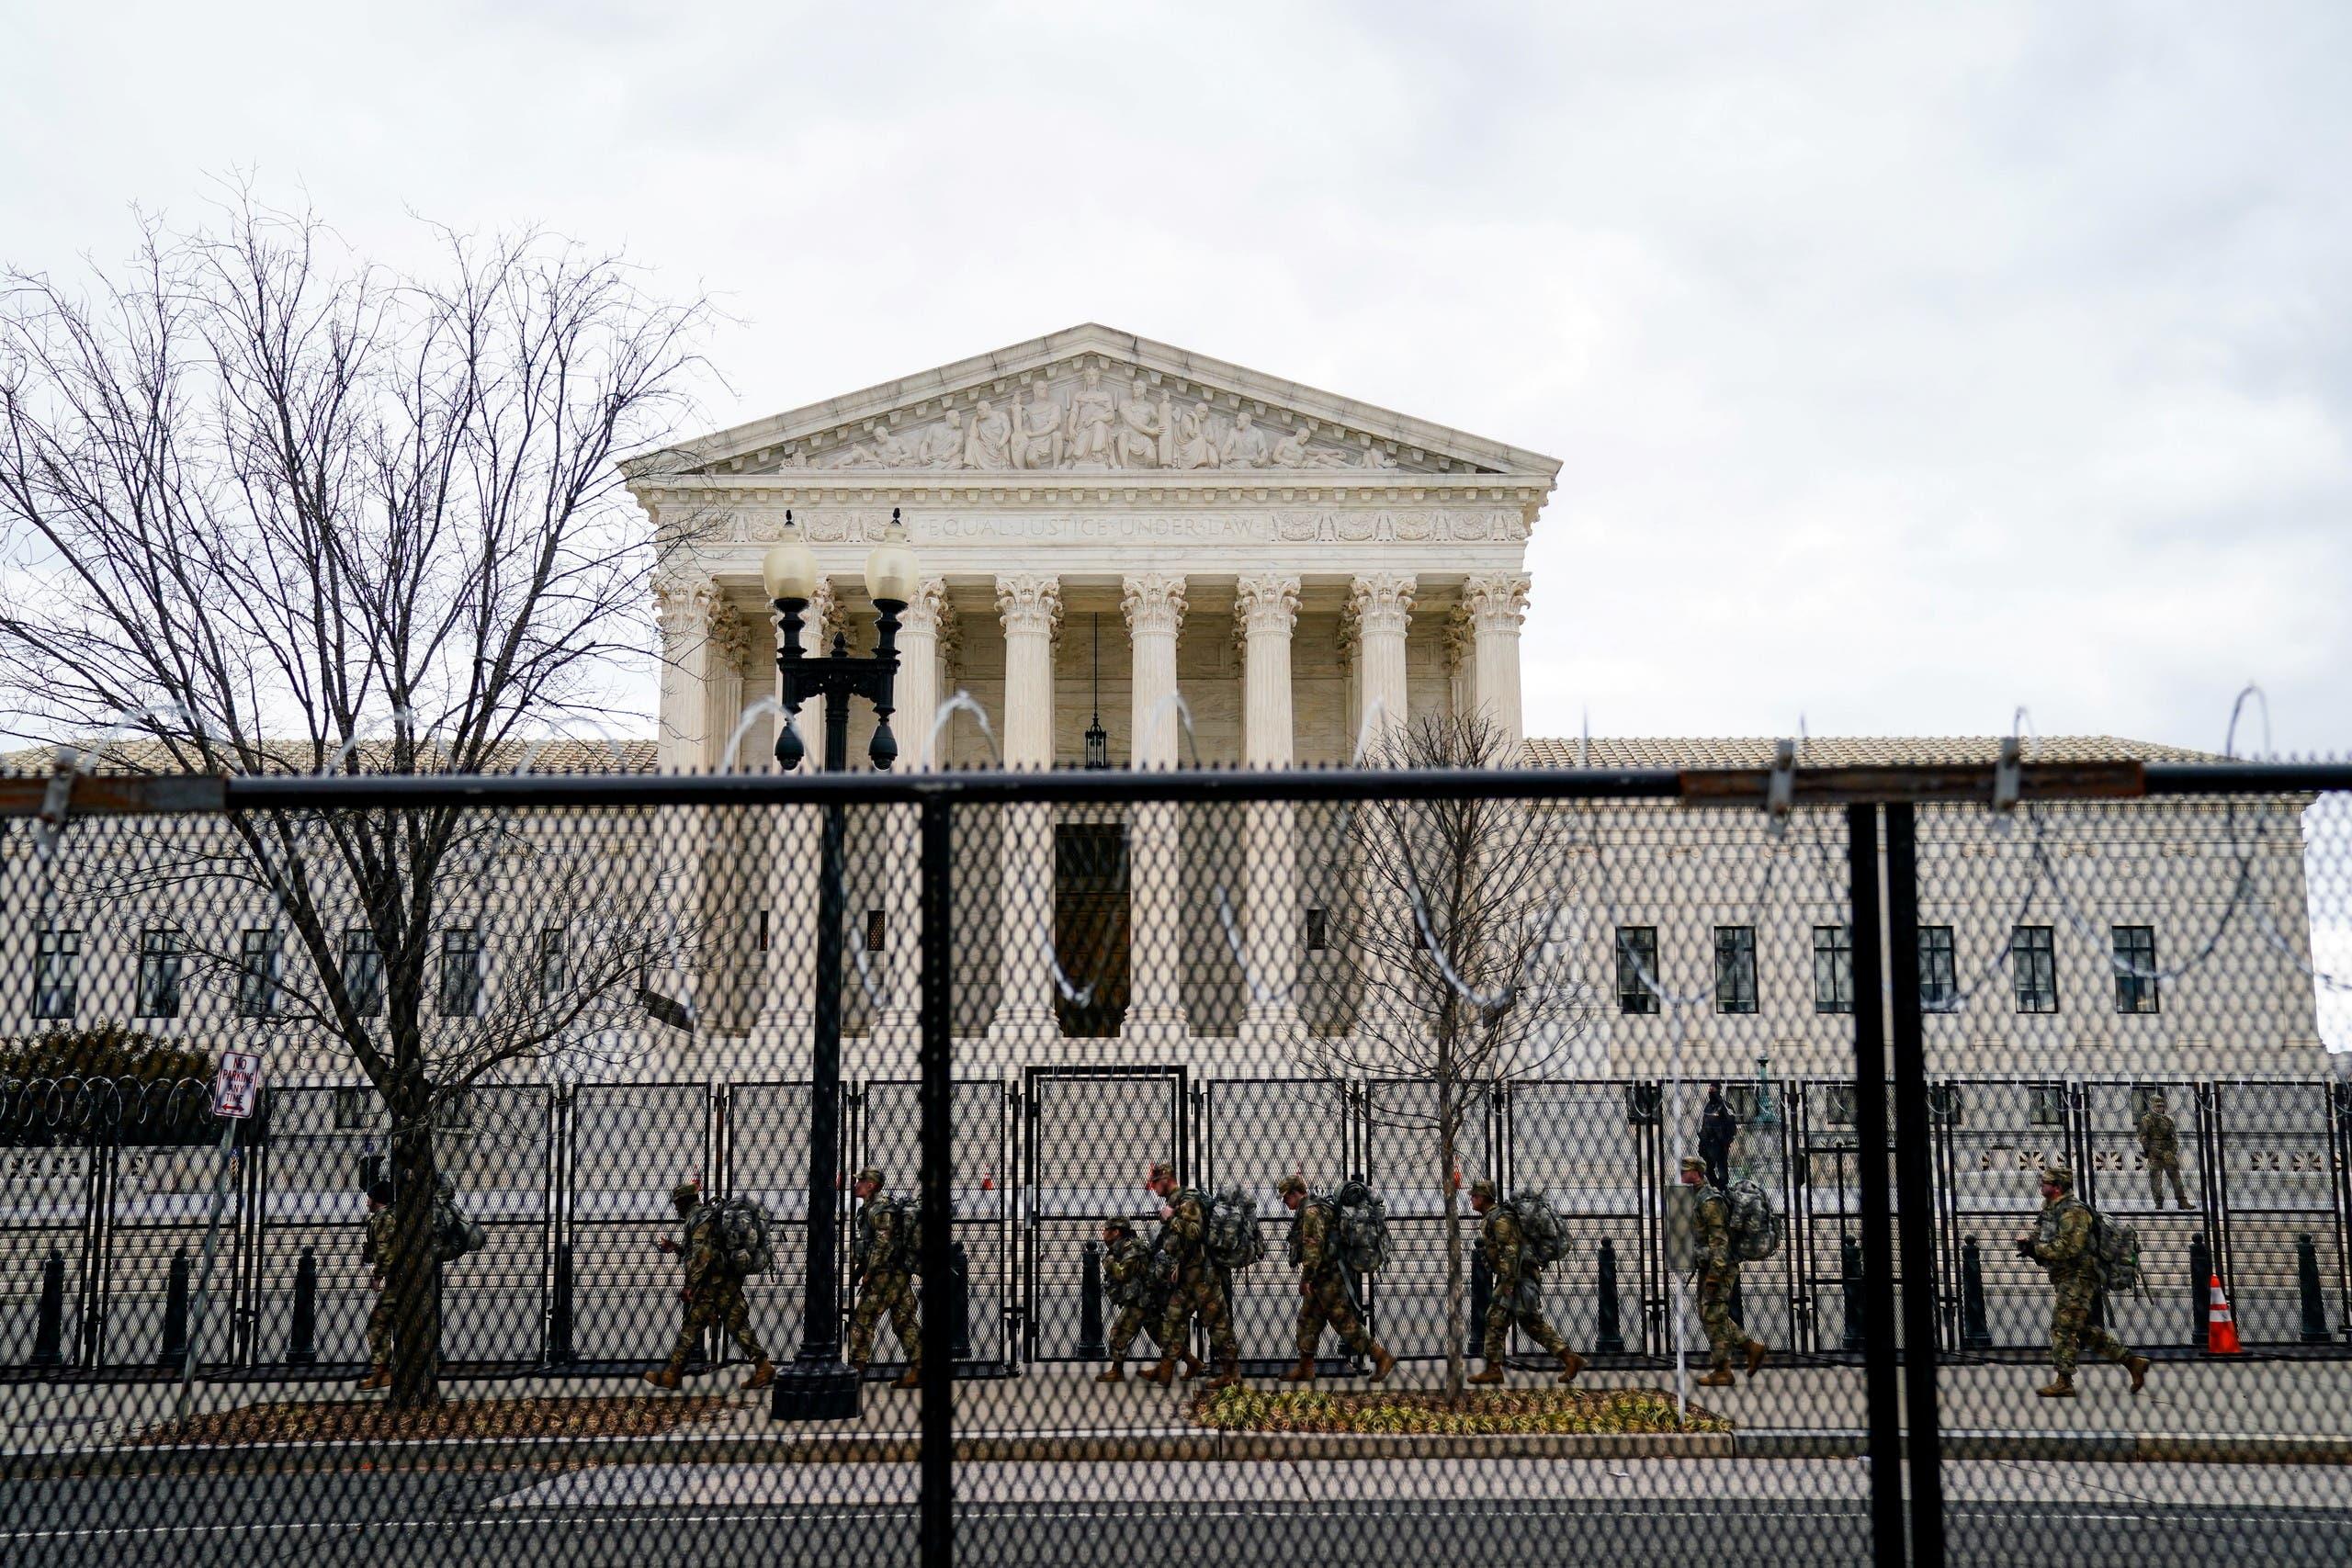 قوات الحرس الوطني أمام المحكمة العليا في واشنطن يوم 17 يناير